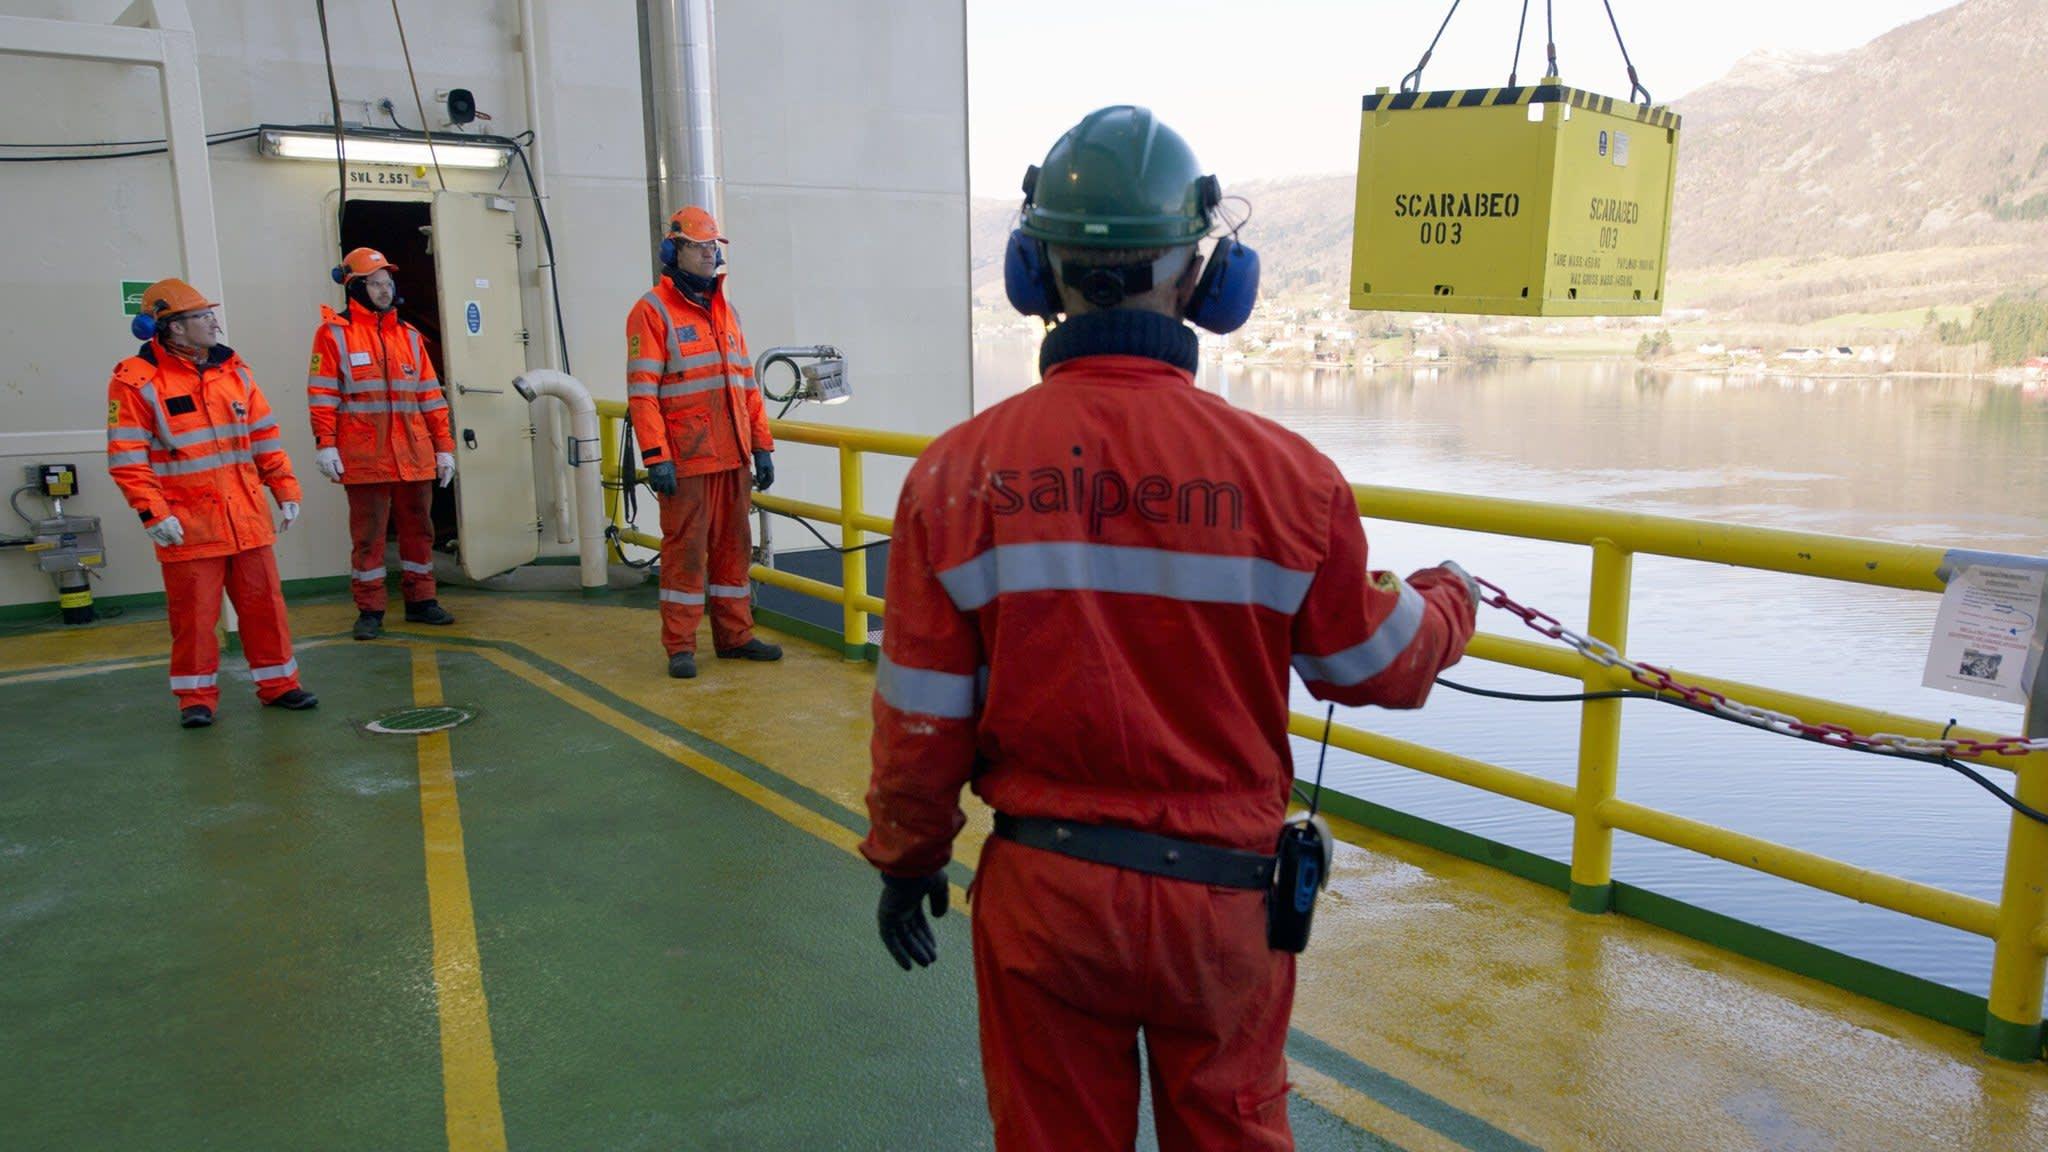 Saipem's robots set to cap undersea oil blowouts